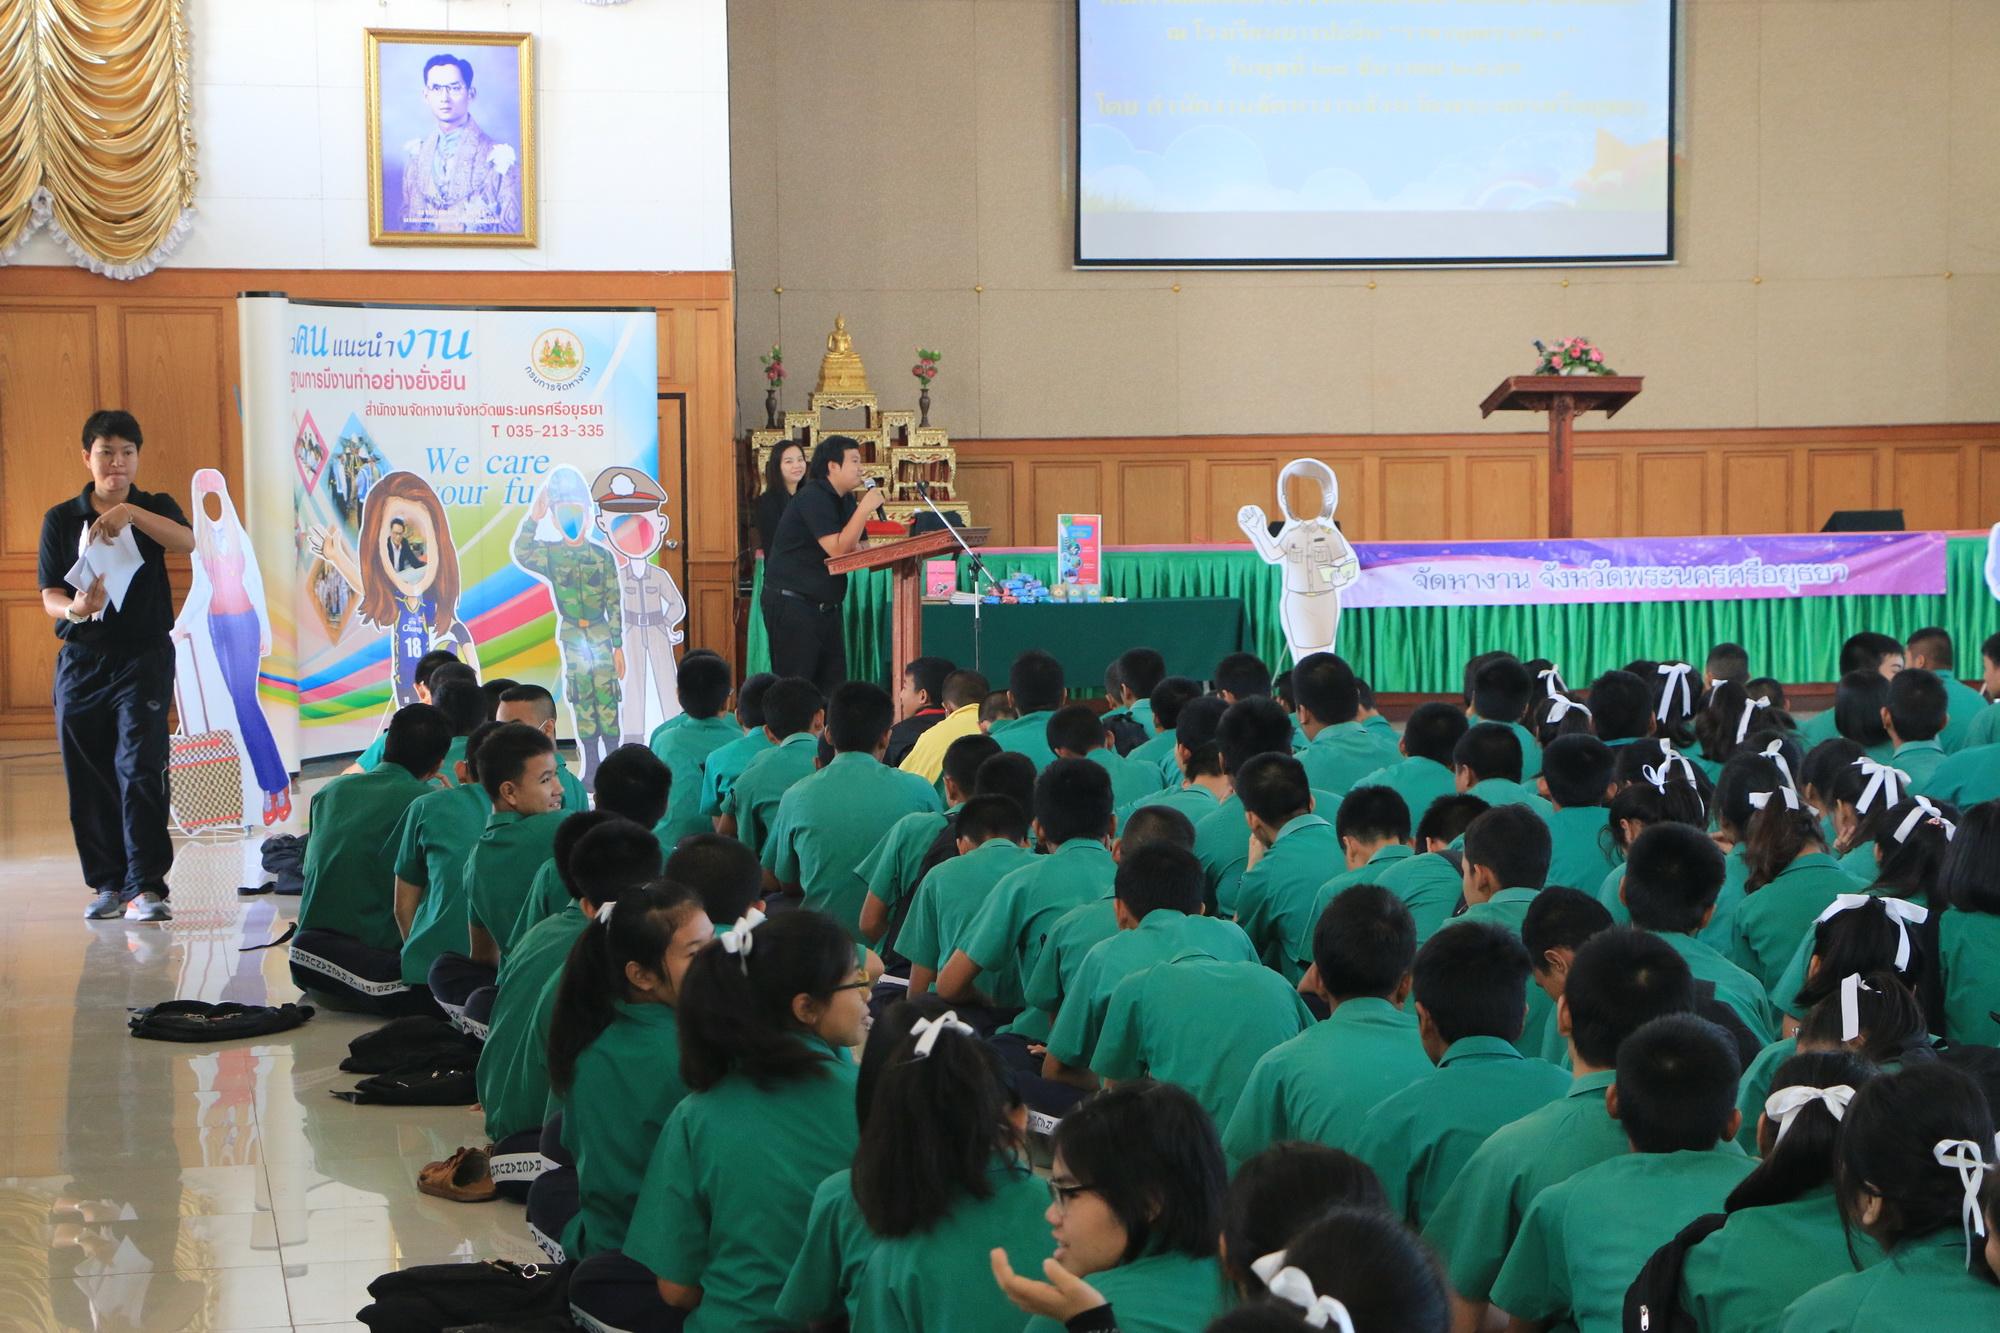 โครงการเตรียมความพร้อมแก่กำลังแรงงาน ครั้งที่ 2/2560 กิจกรรมแนะแนวอาชีพให้นักเรียน นักศึกษา